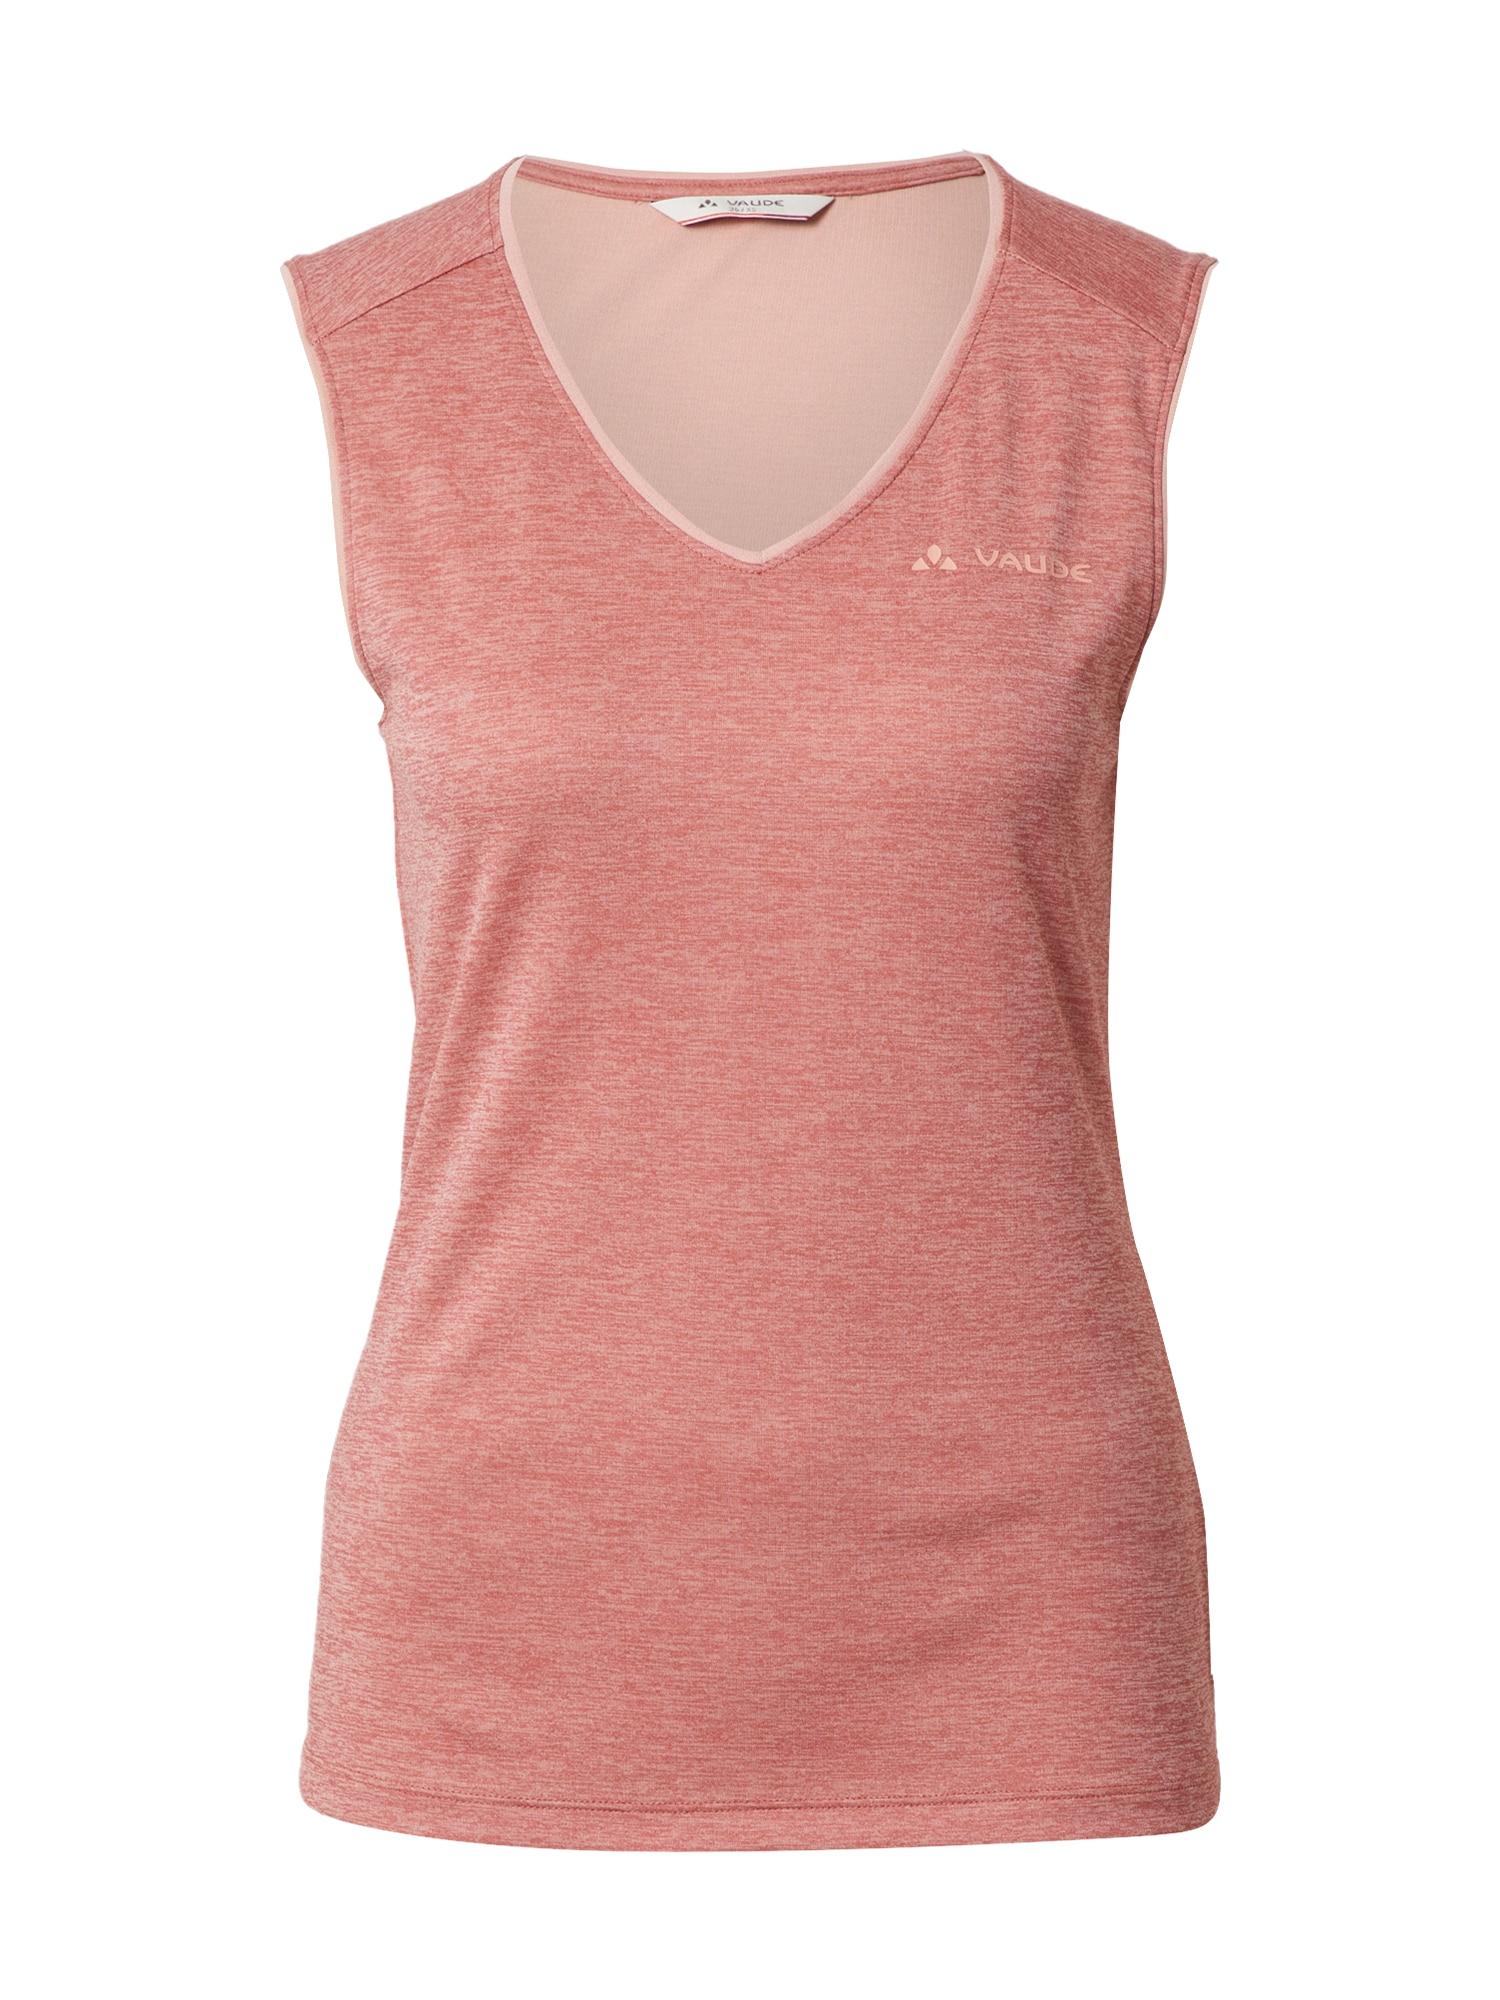 VAUDE Sportiniai marškinėliai be rankovių rožinė